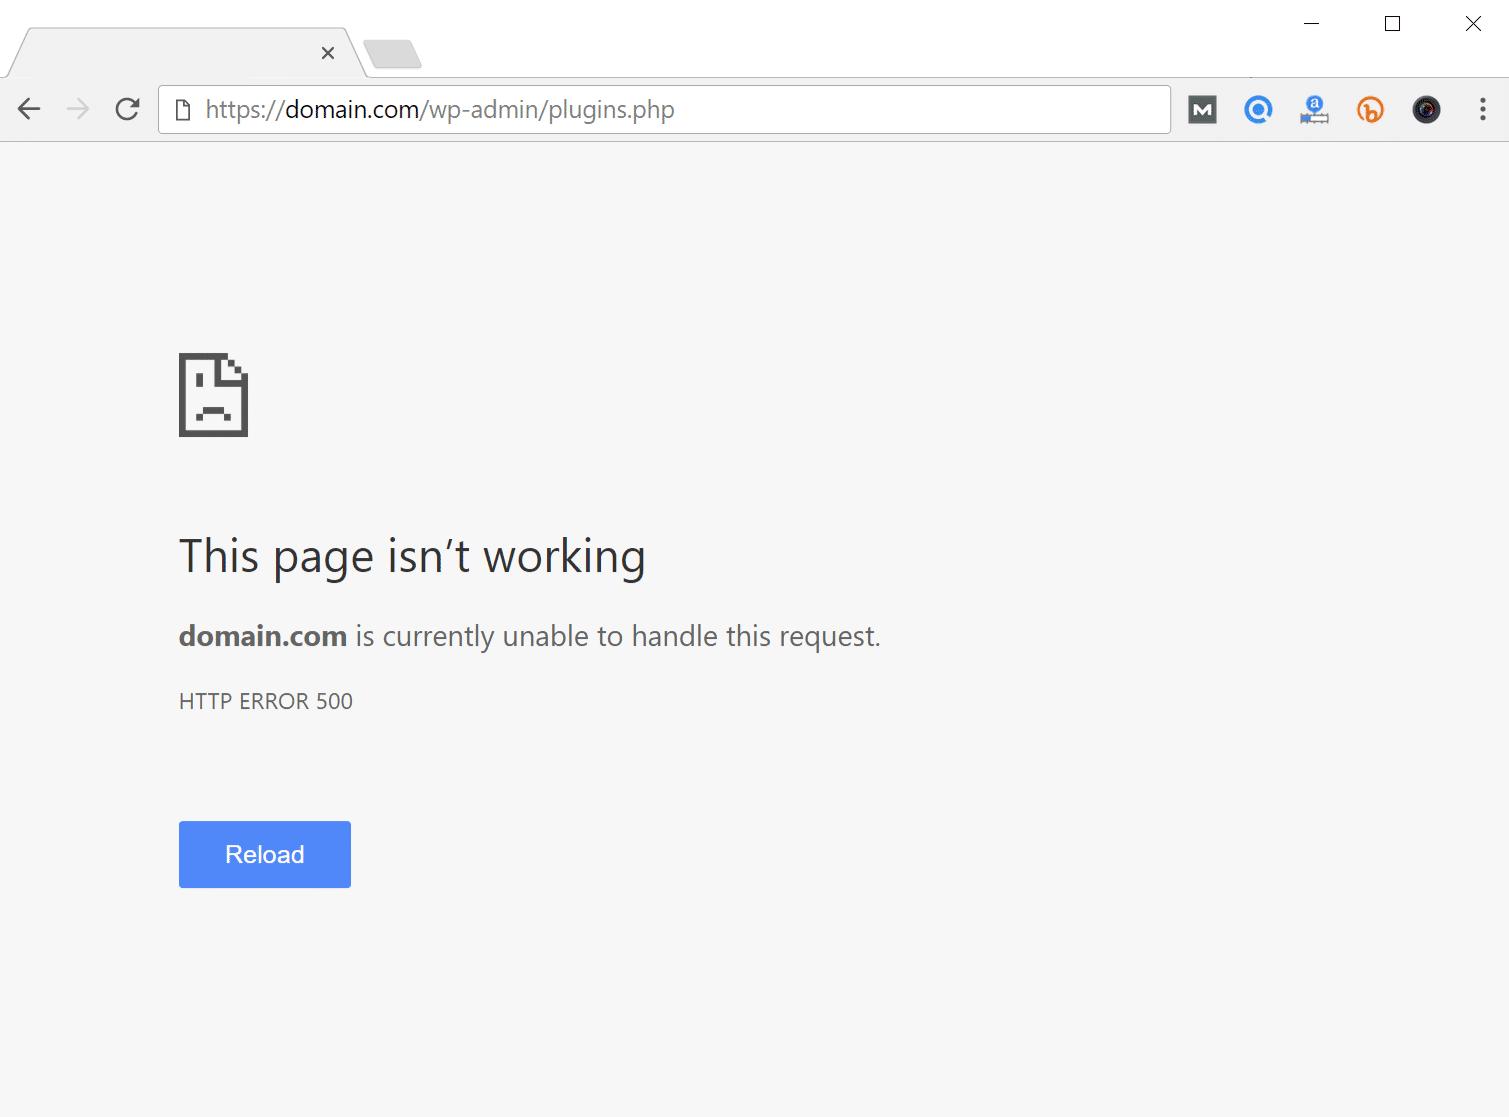 حل مشكلة خطأ Internal Server Error 500 فى وورد بريس